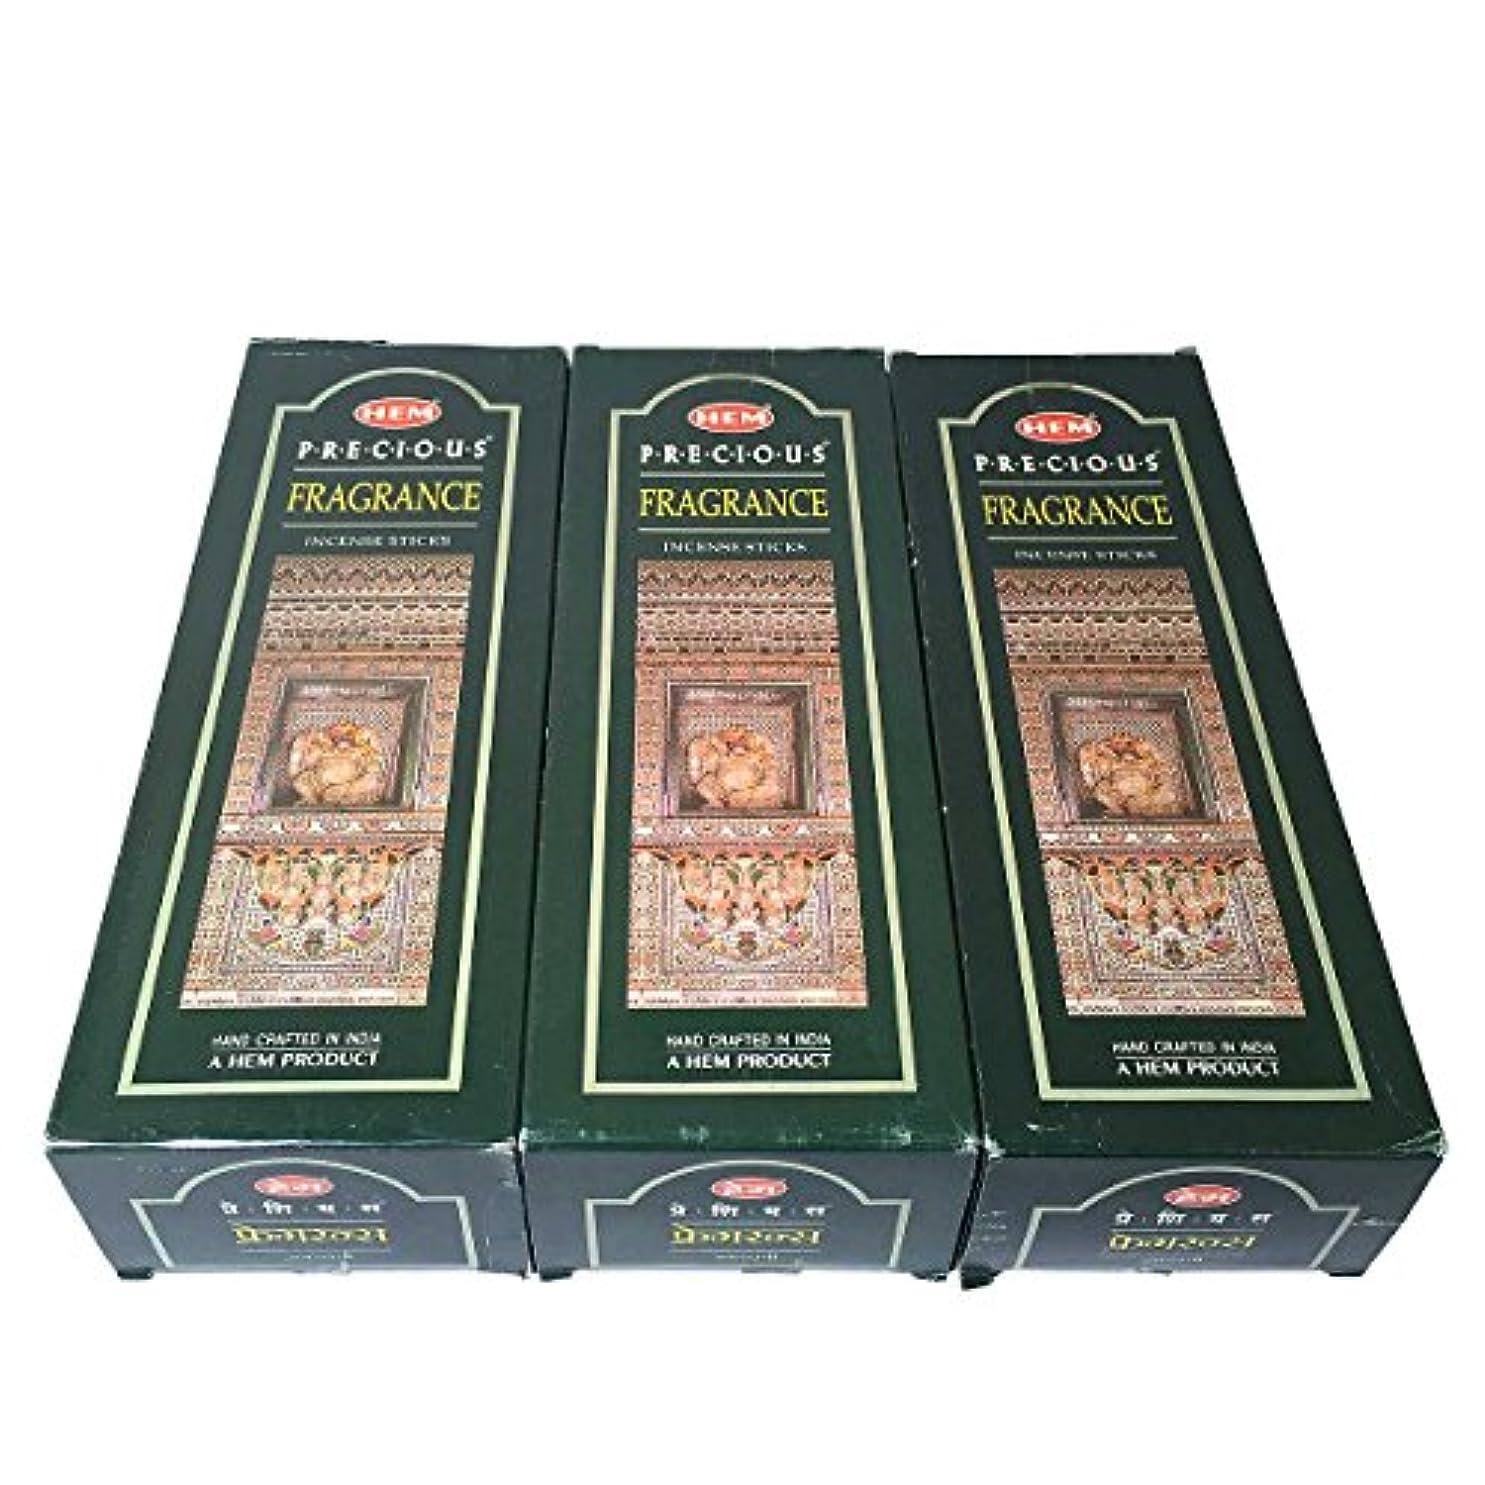 一晩野心的初期のプレシャスフレグランス香スティック 3BOX(18箱) /HEM FRAGRANCE/インセンス/インド香 お香 [並行輸入品]